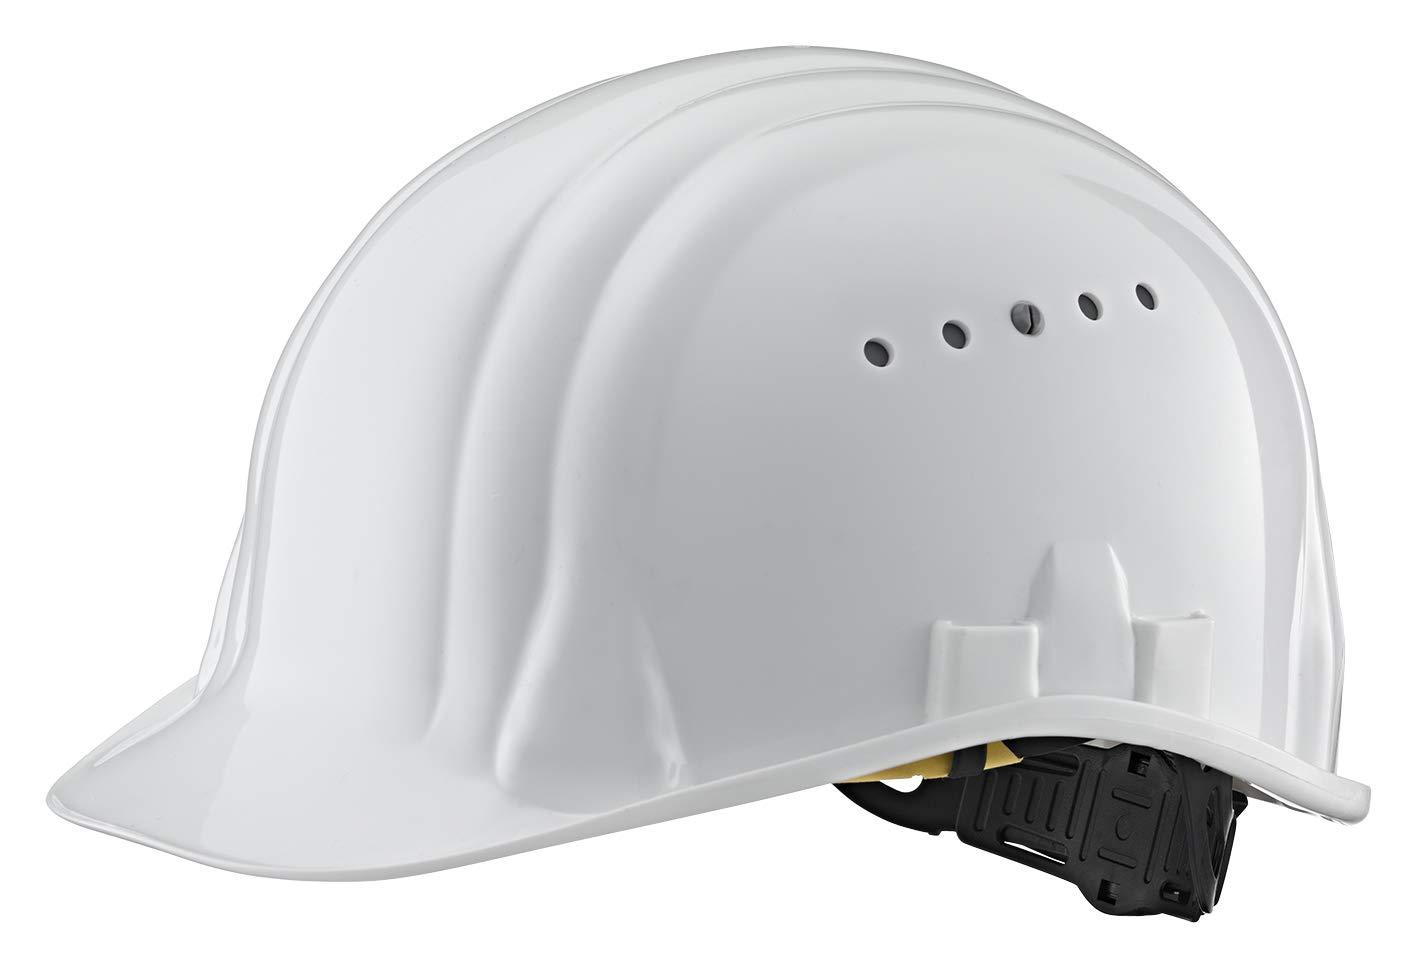 Helm waschbares Schwei/ßband erweiterter Gesichtsschutz und optimale Ger/äuschd/ämpfung SNR-Wert: 27 dB Kopfschutz // Schutzhelmkombination Waipoua sto/ß- und kratzfester ABS